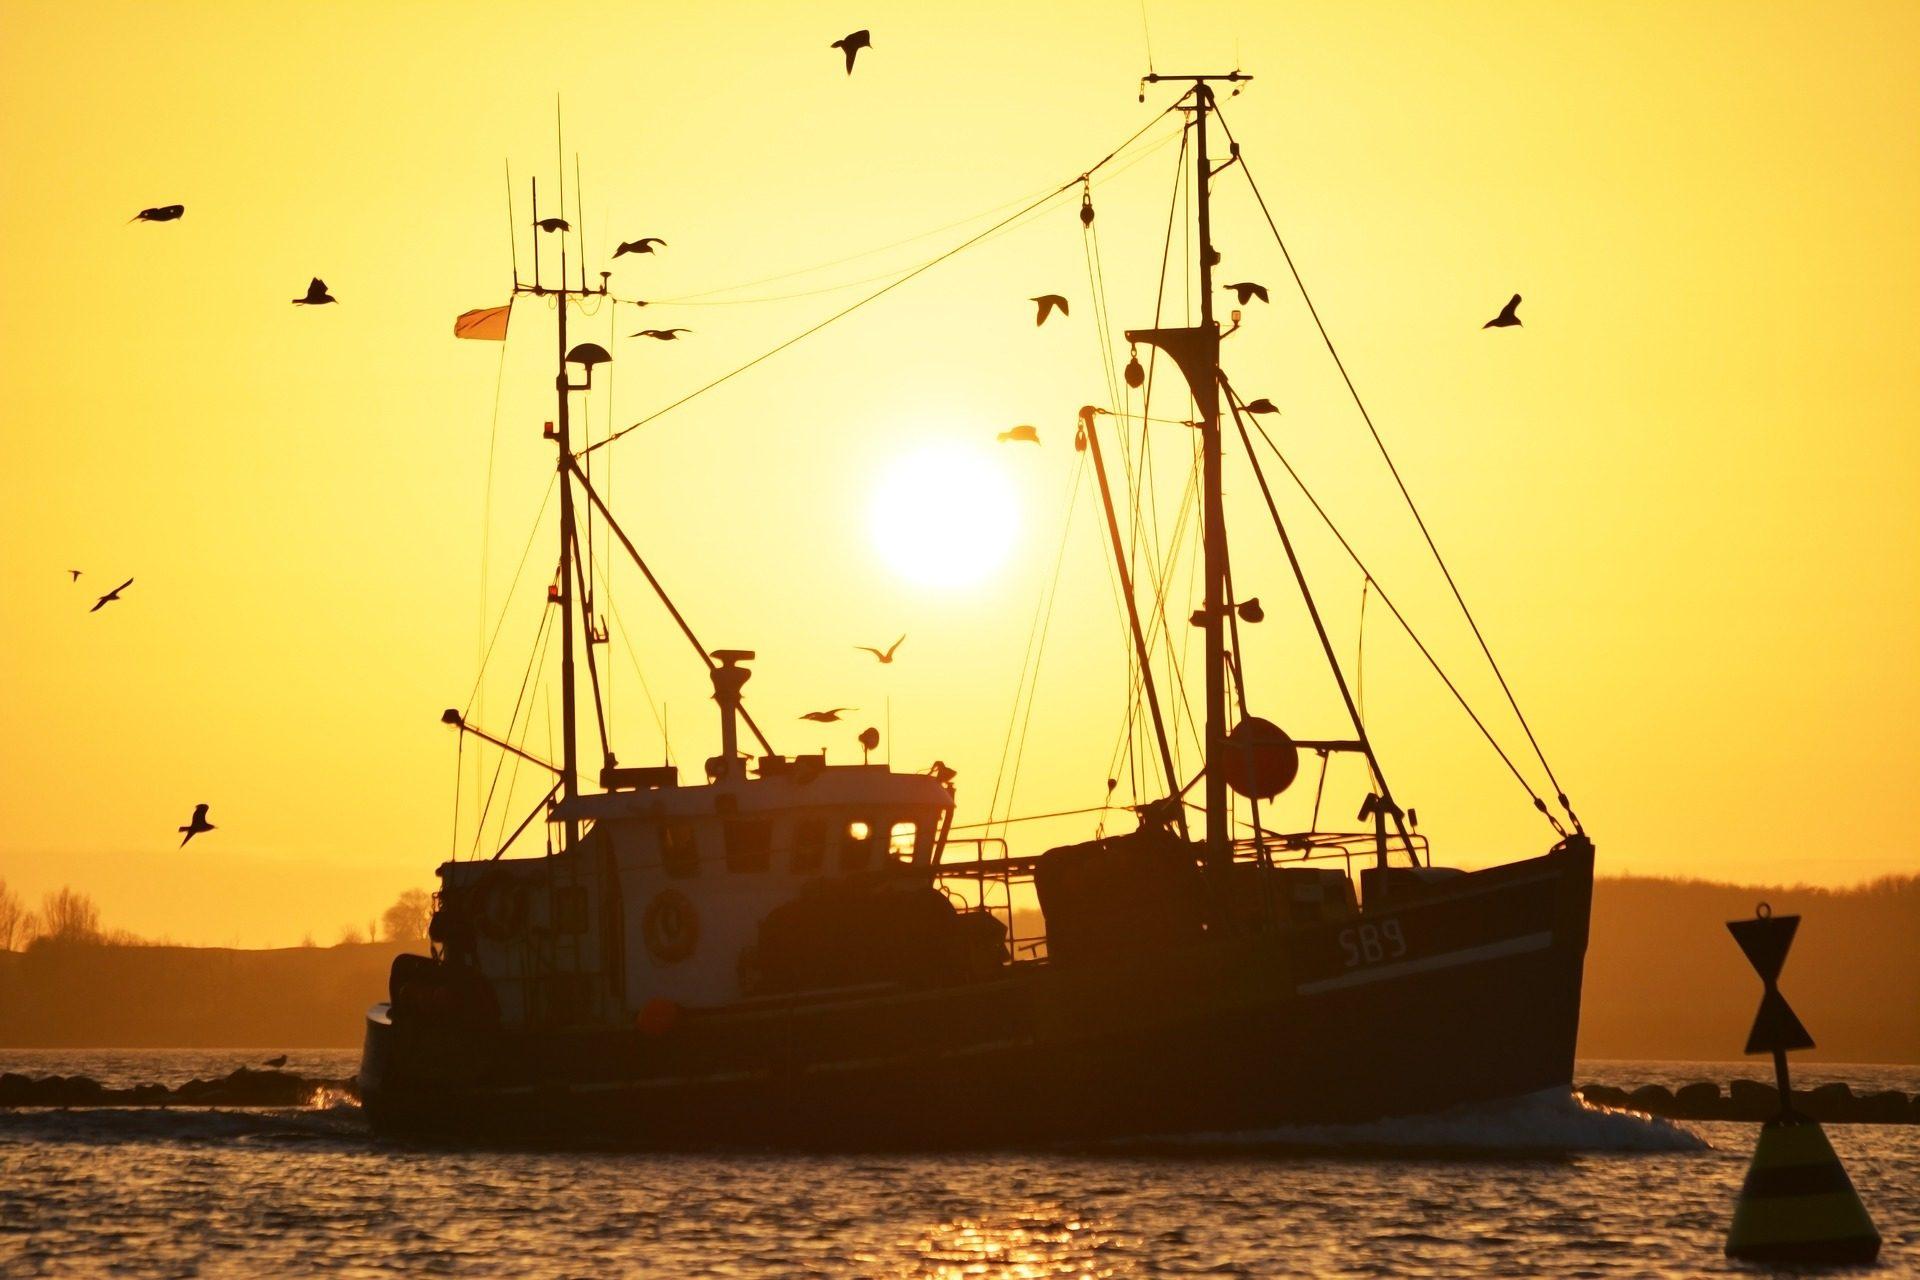 bateau, pesca, pêche, mouettes, Coucher de soleil, Mer - Fonds d'écran HD - Professor-falken.com